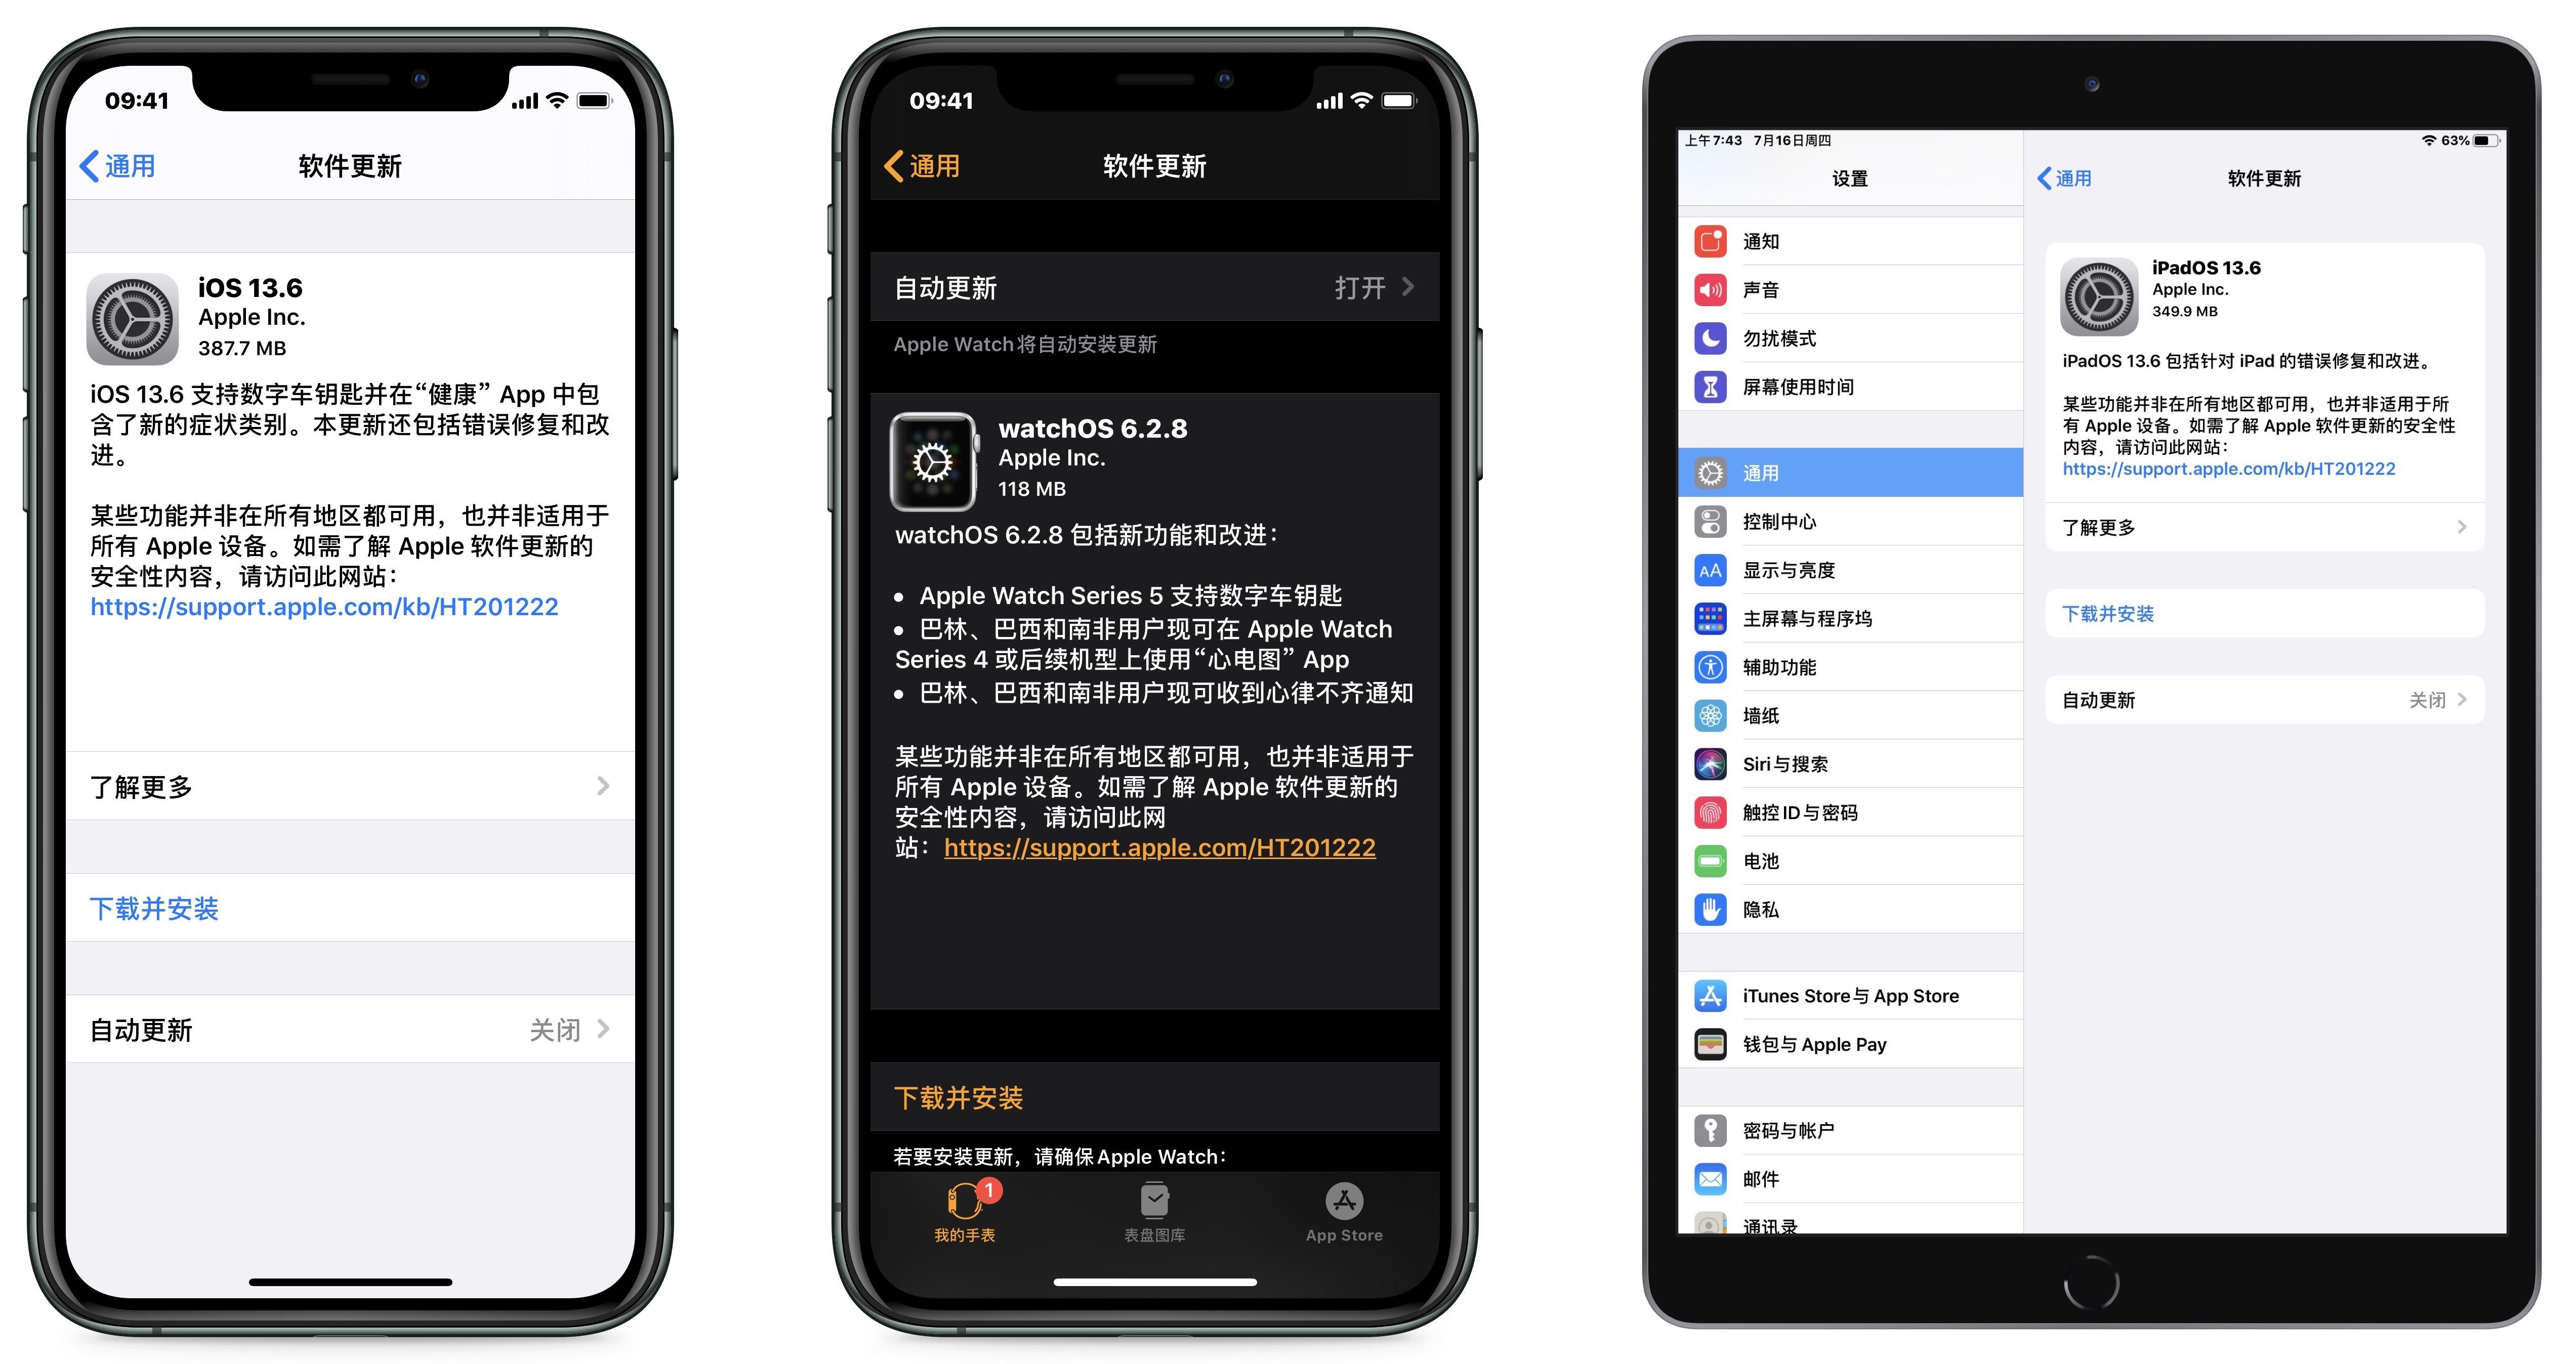 iOS13.6正式版可将 iPhone 当车钥匙,你升级了吗?